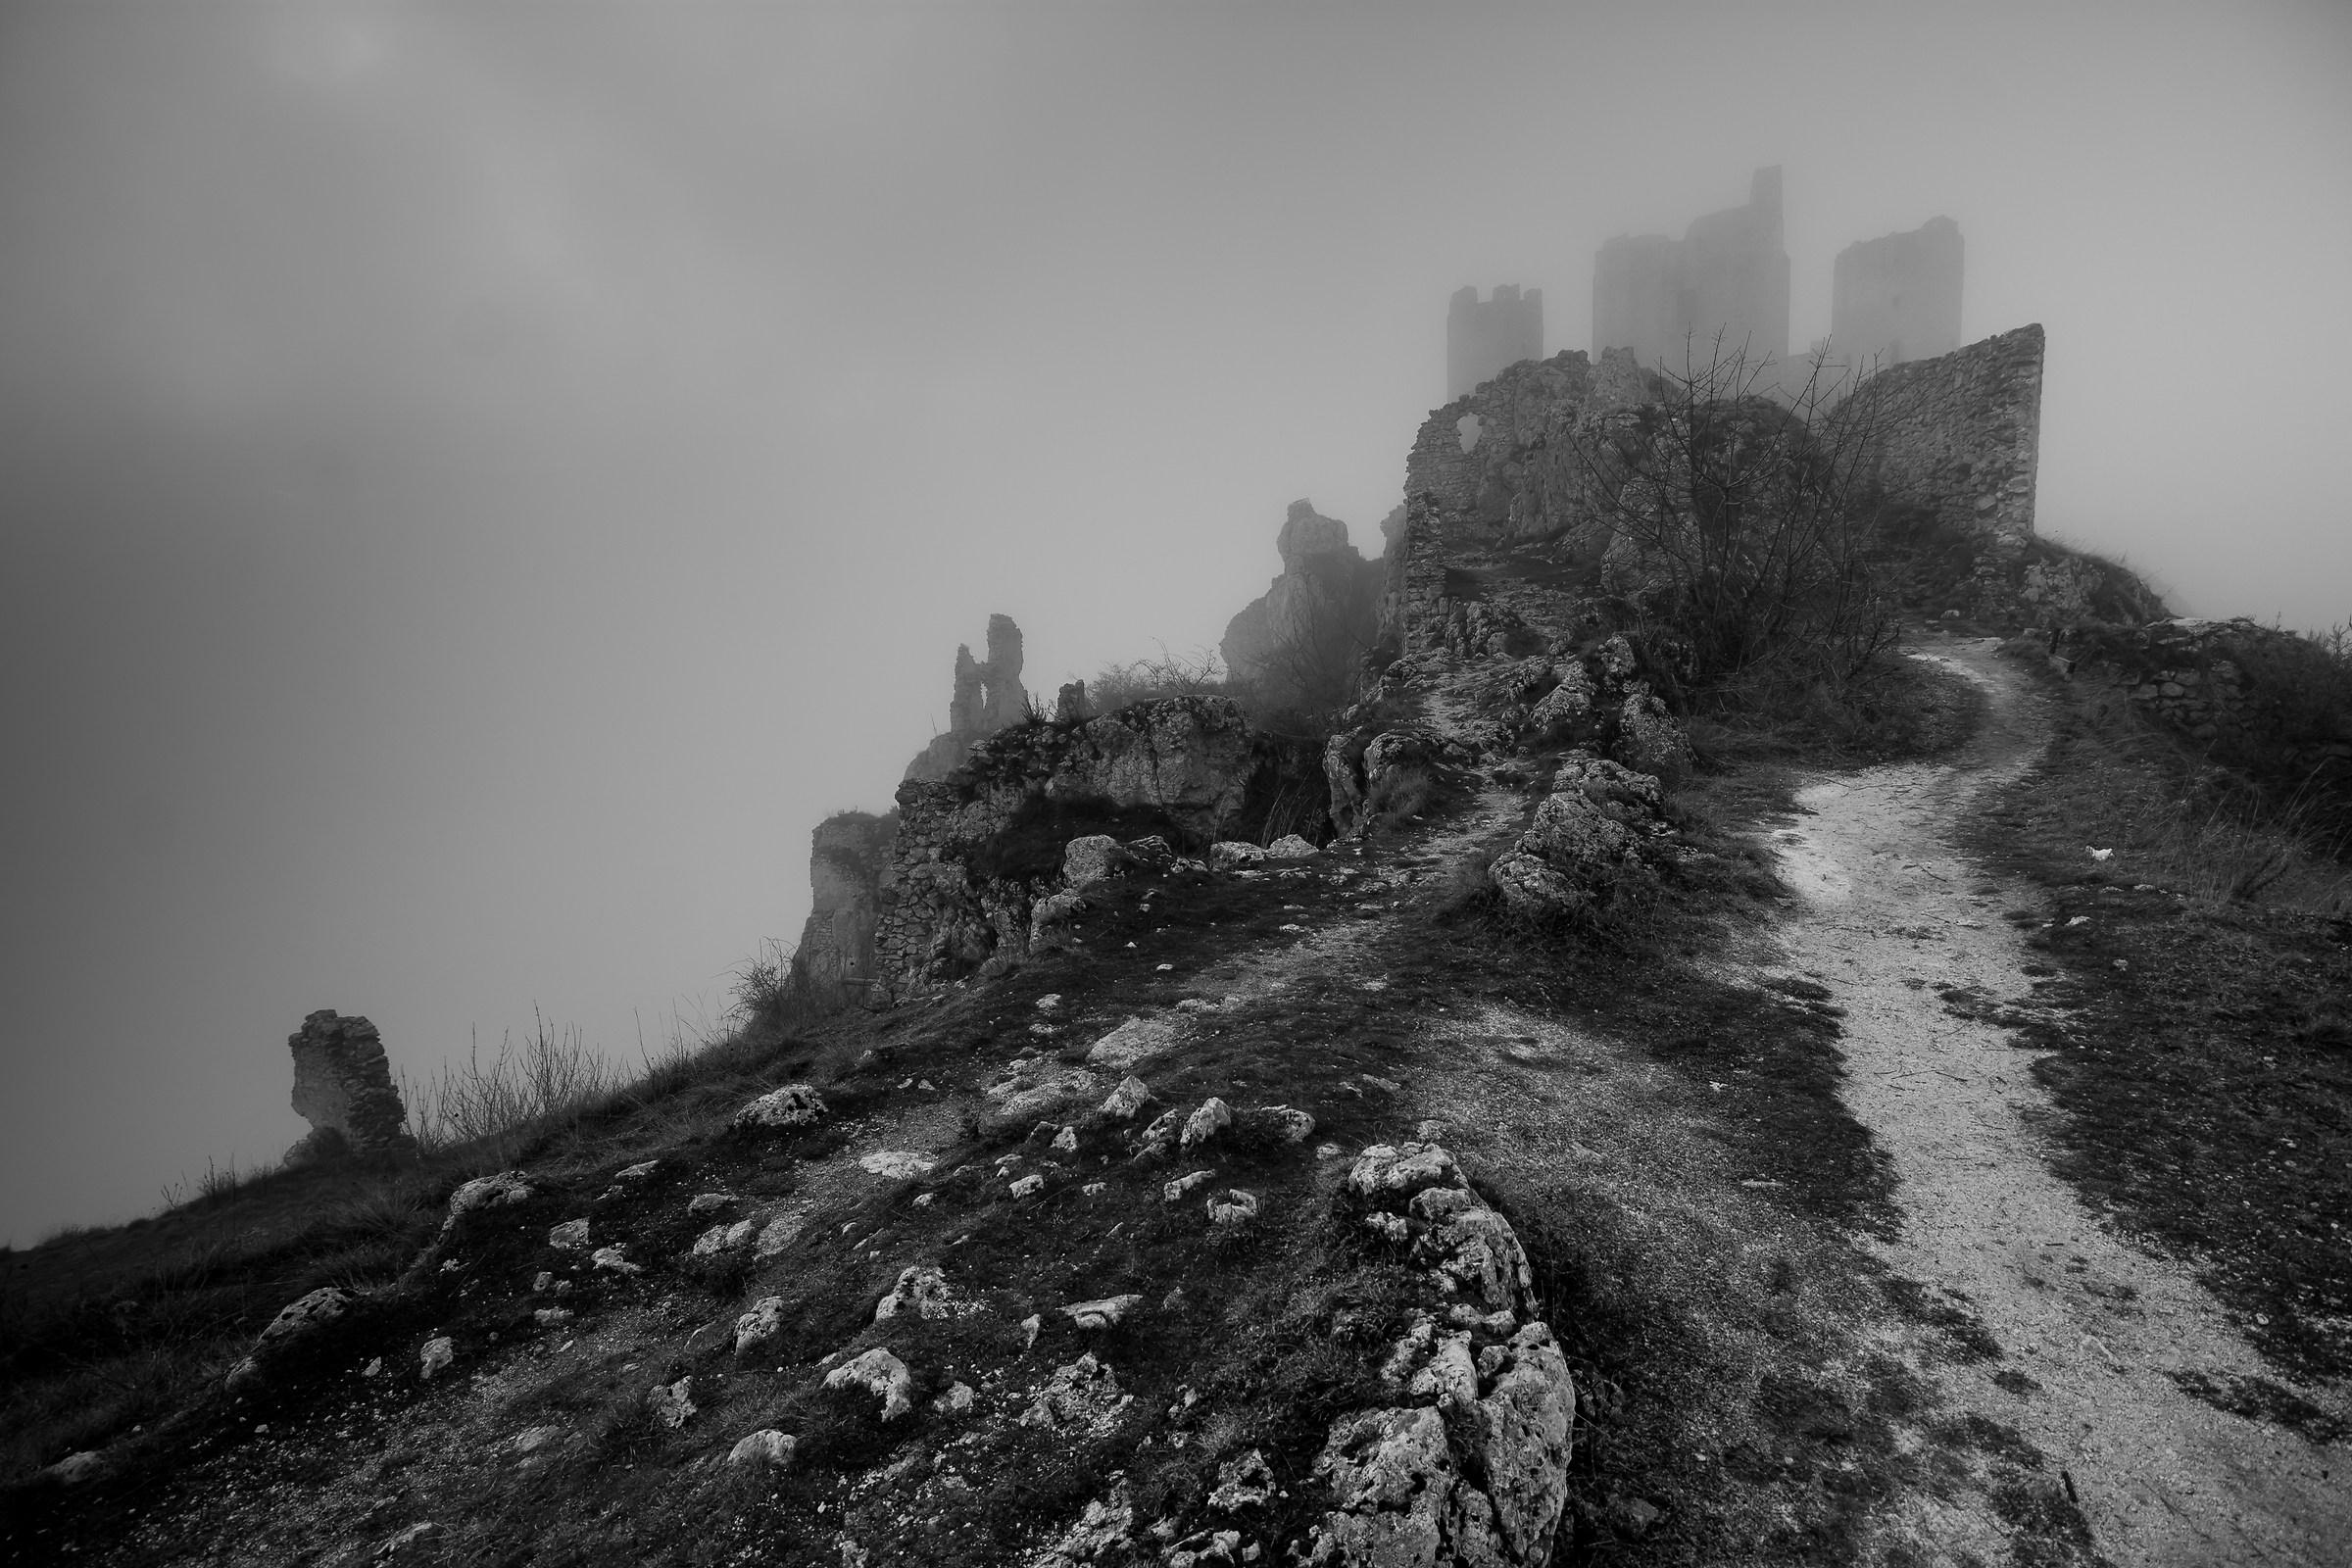 Ladyhawke through the fog...